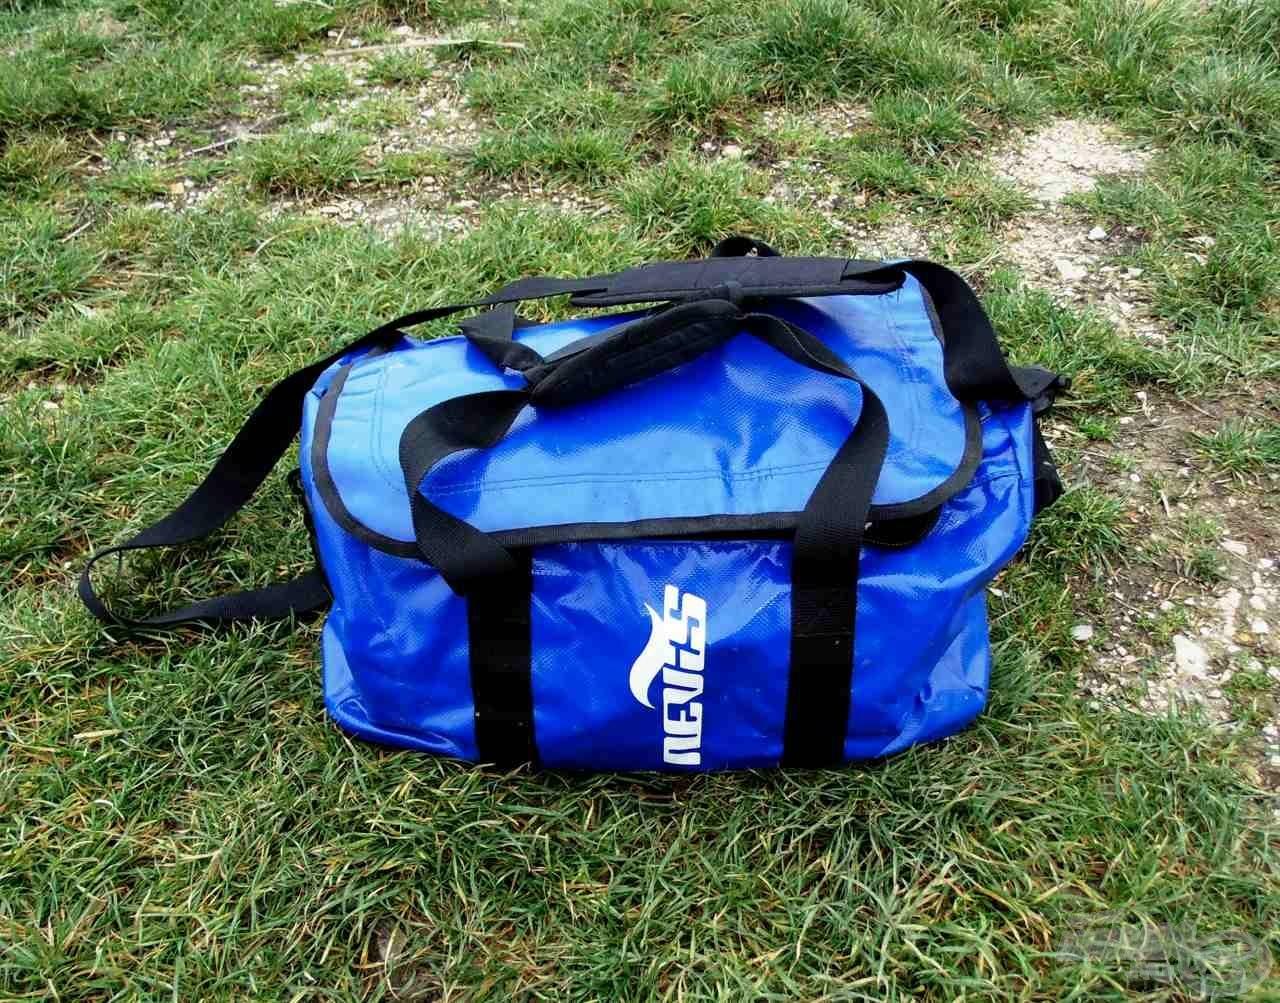 A Nevis csónakos táska vízhatlan és erős anyagból készült, szinte mindennek ellenáll